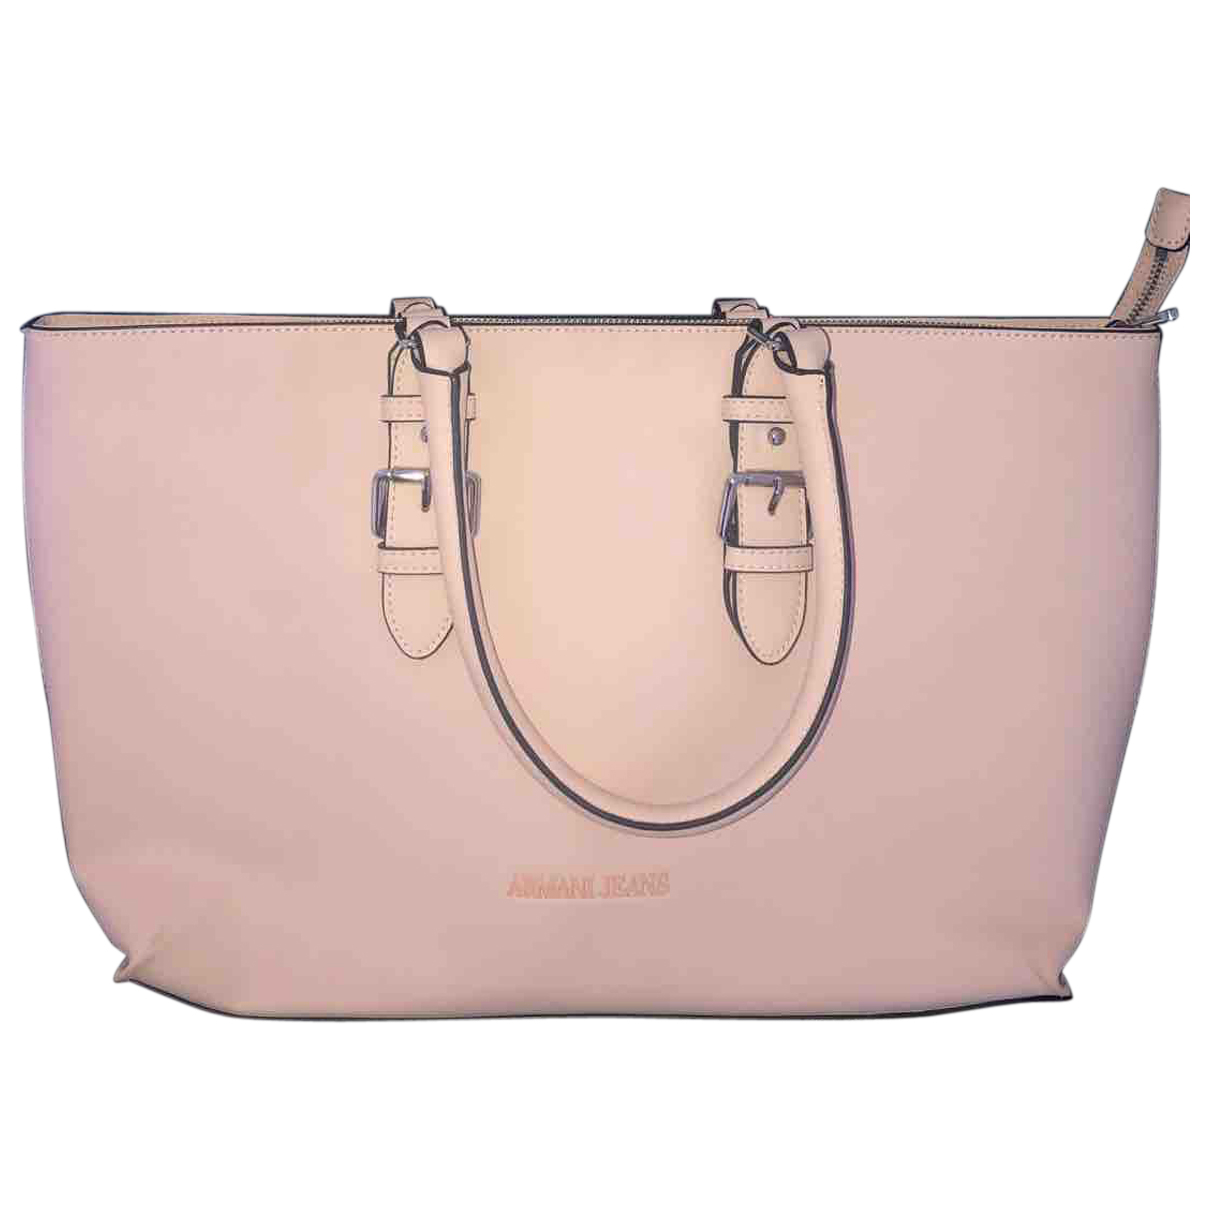 Armani Jeans \N Handtasche in  Rosa Leder